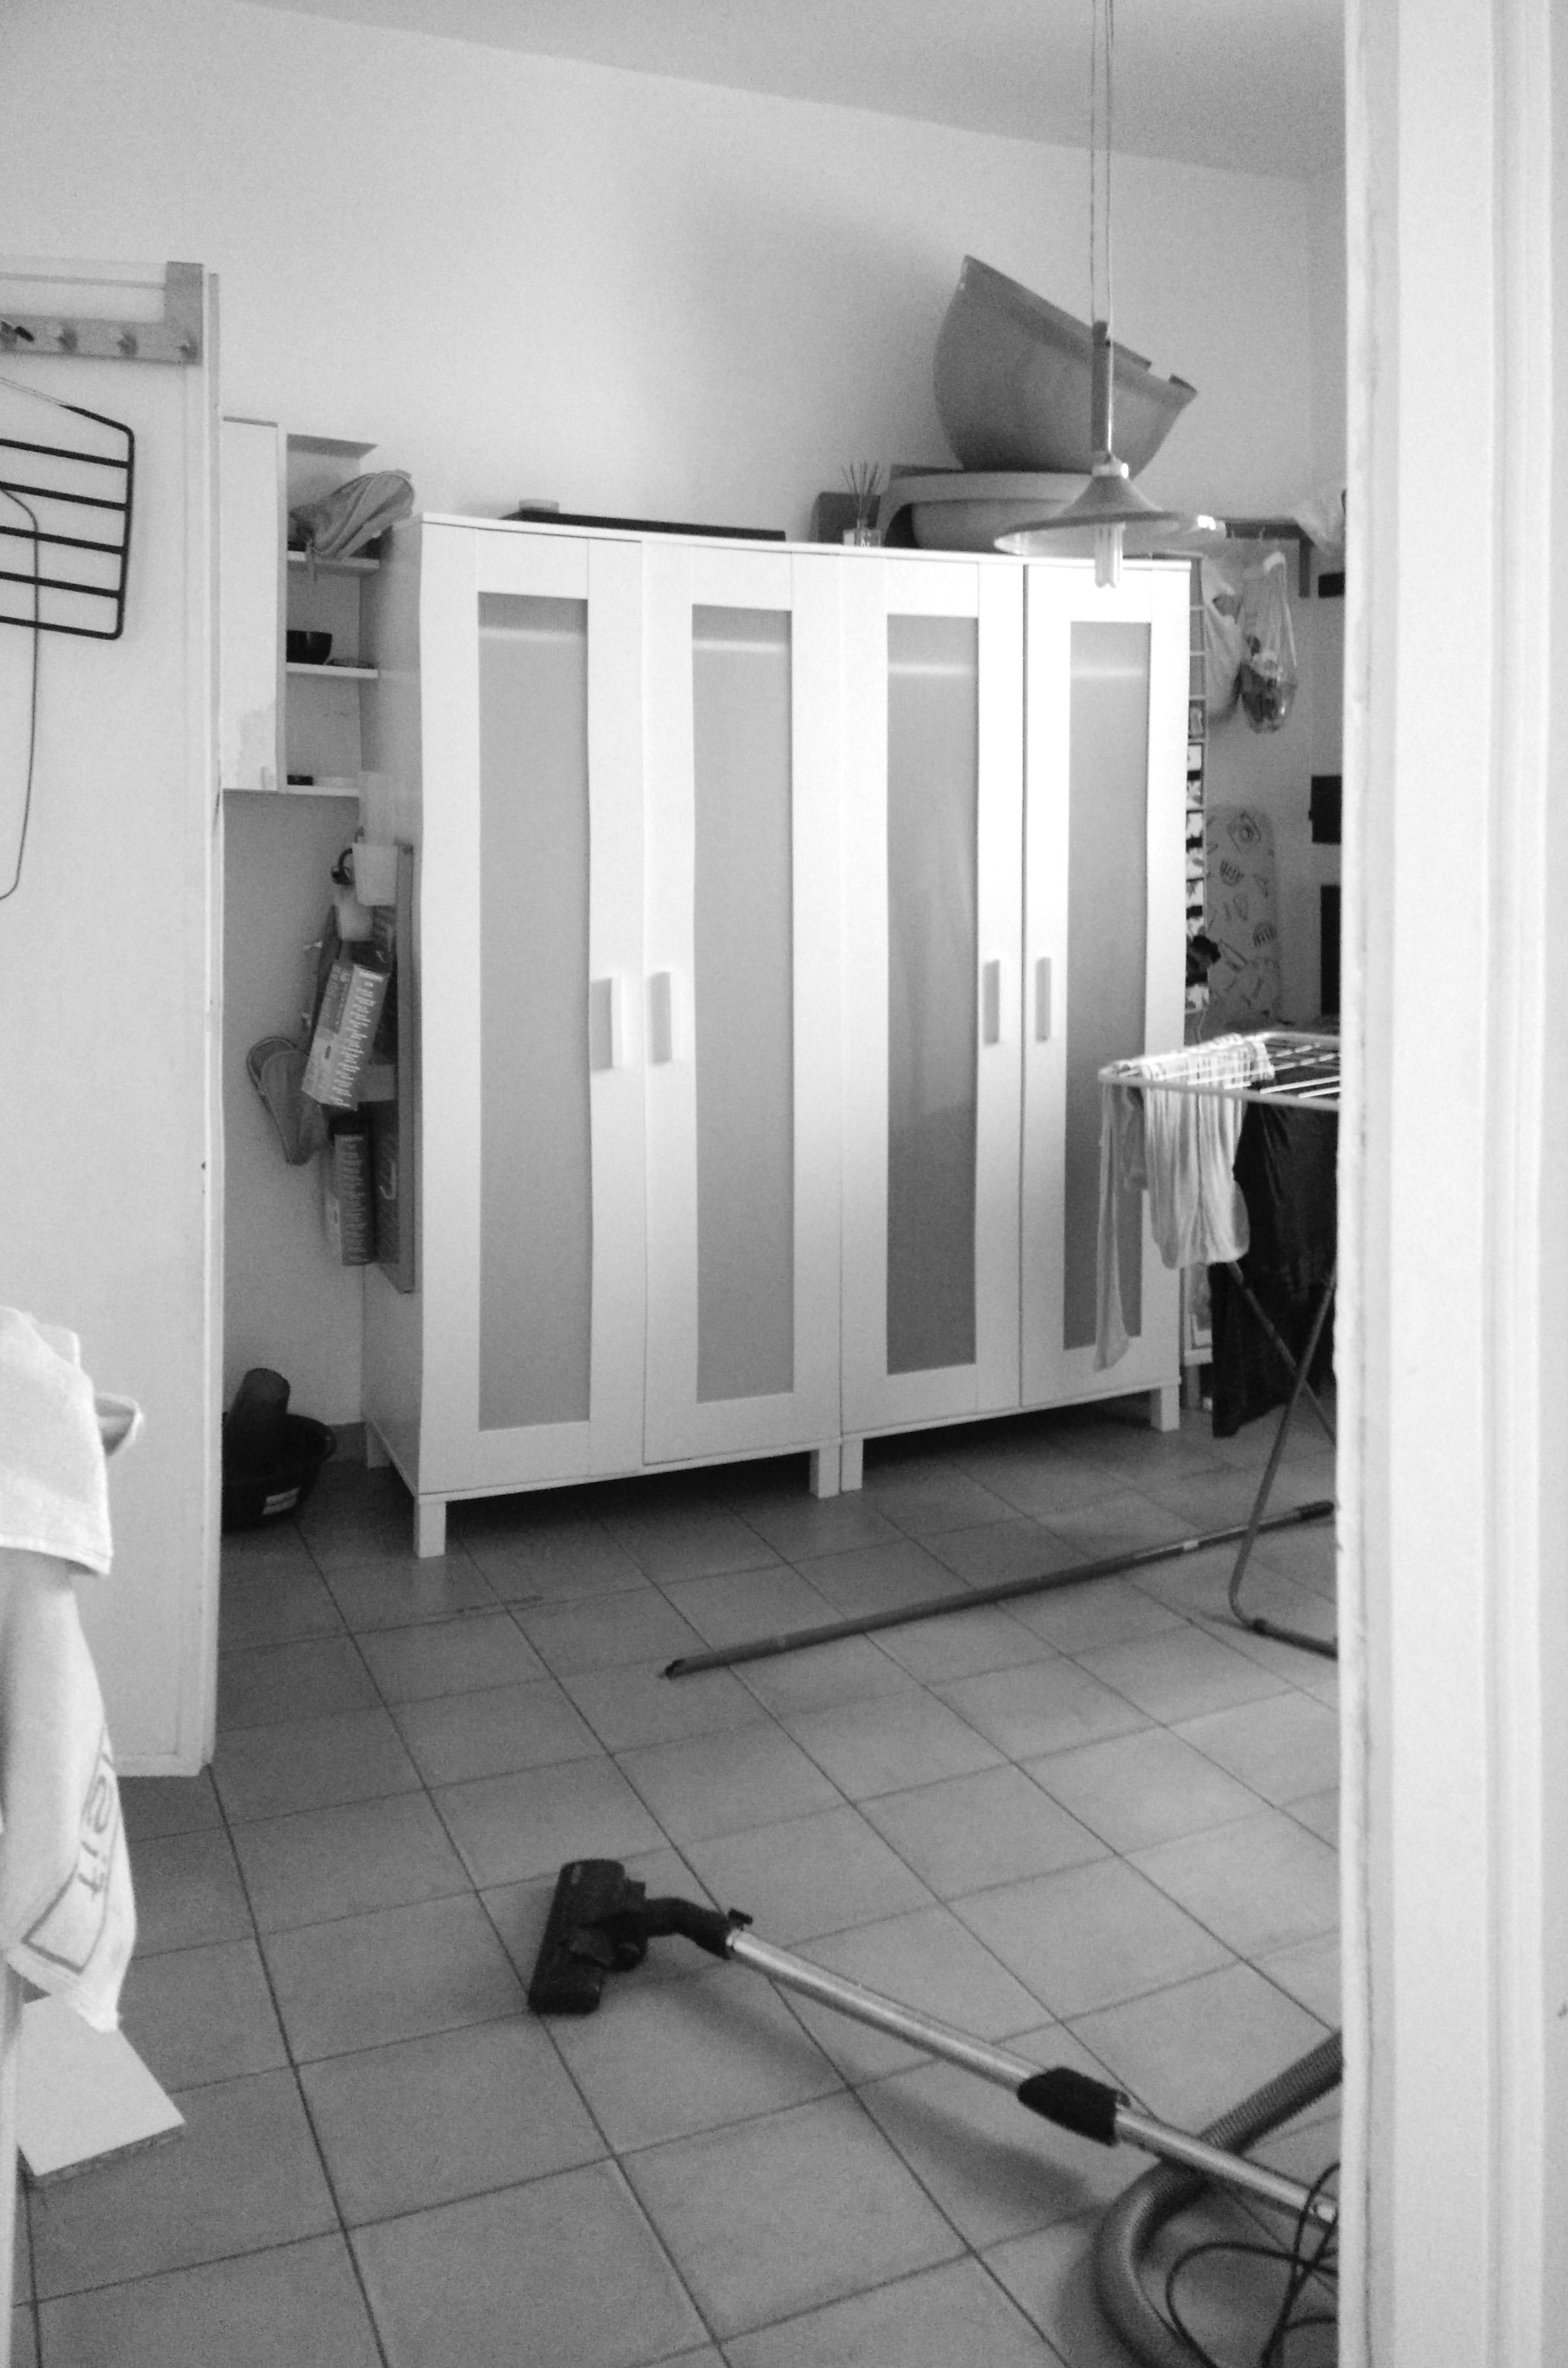 Reforma slow emmme studio habitación Alicia - 04 - SM.jpg